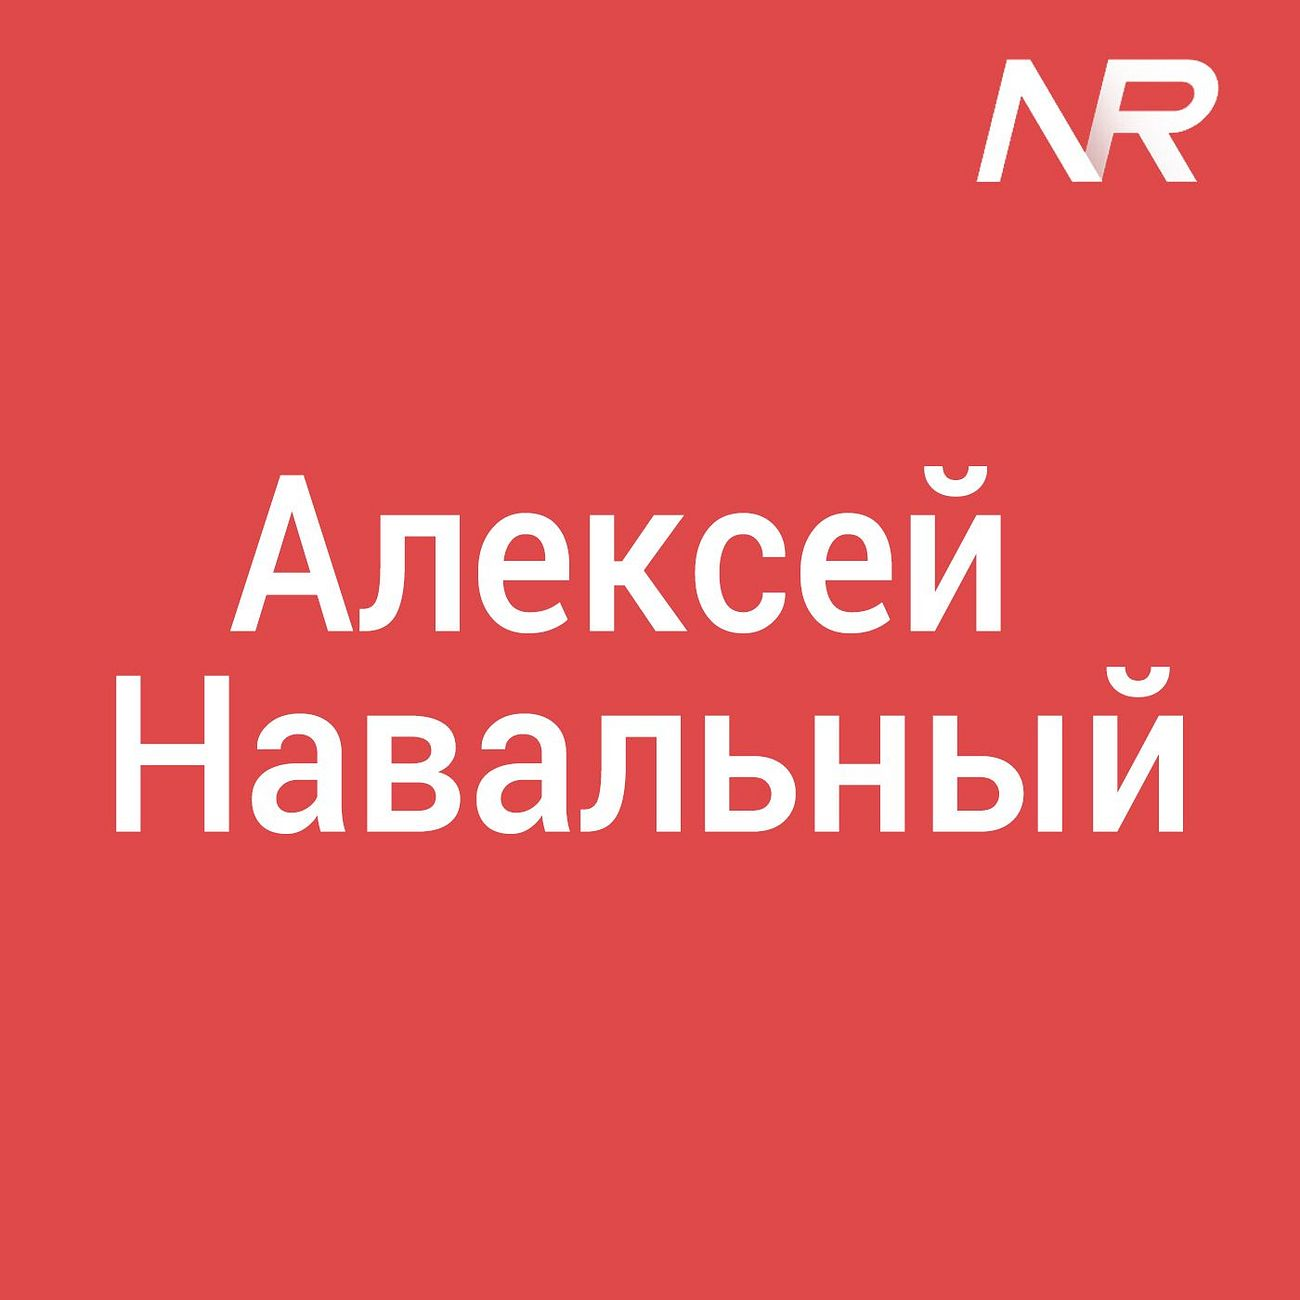 Алексей Навальный. Избранное.